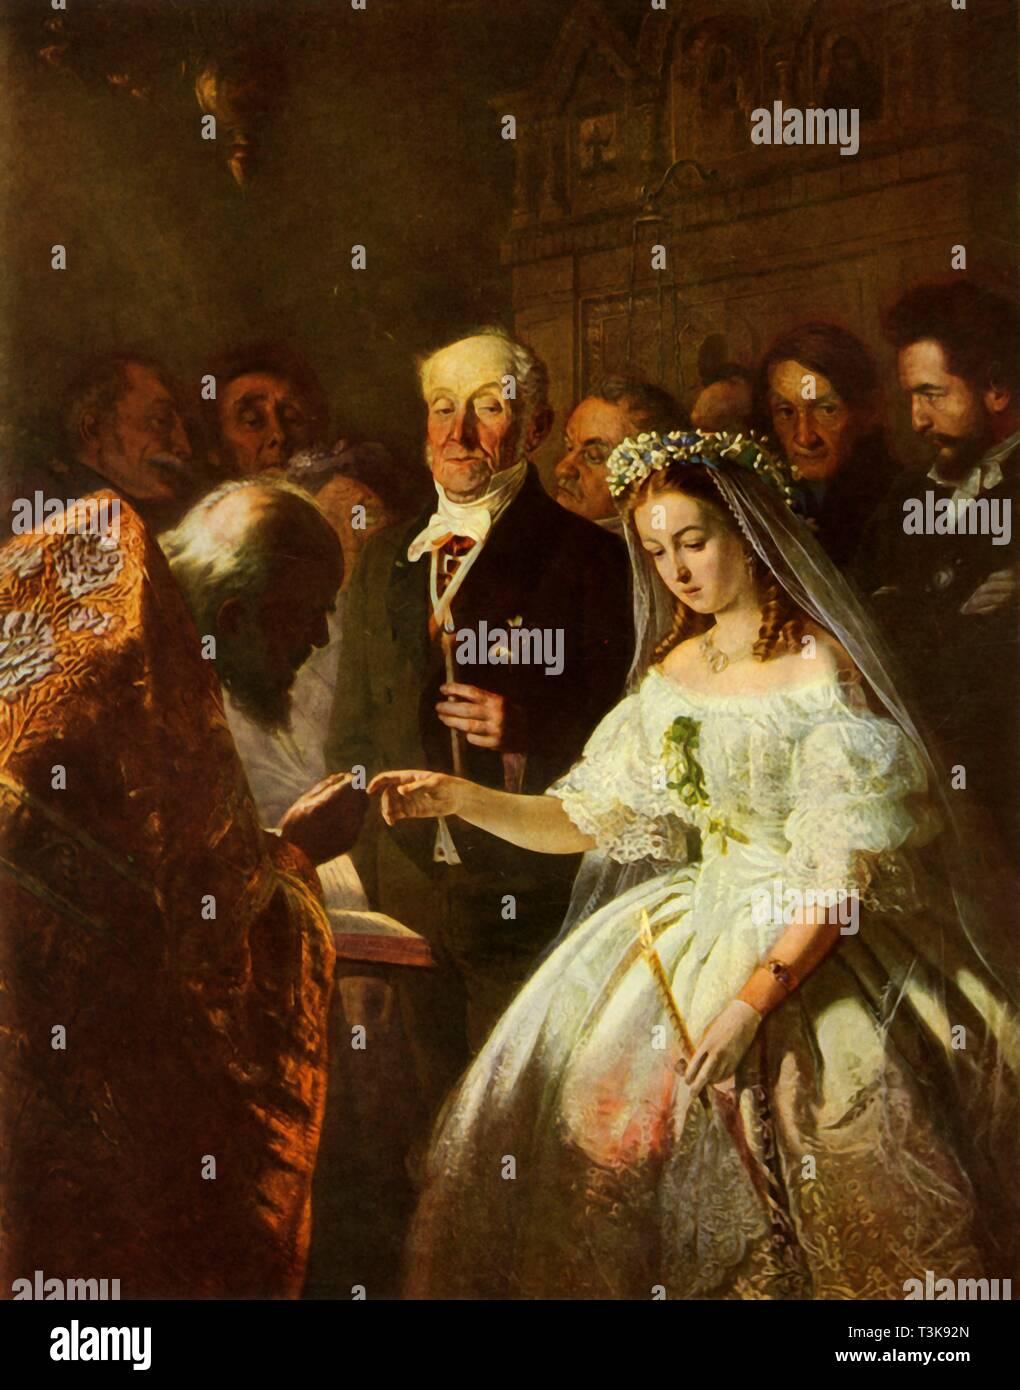 Dating eines Mannes in einer arrangierten Ehe